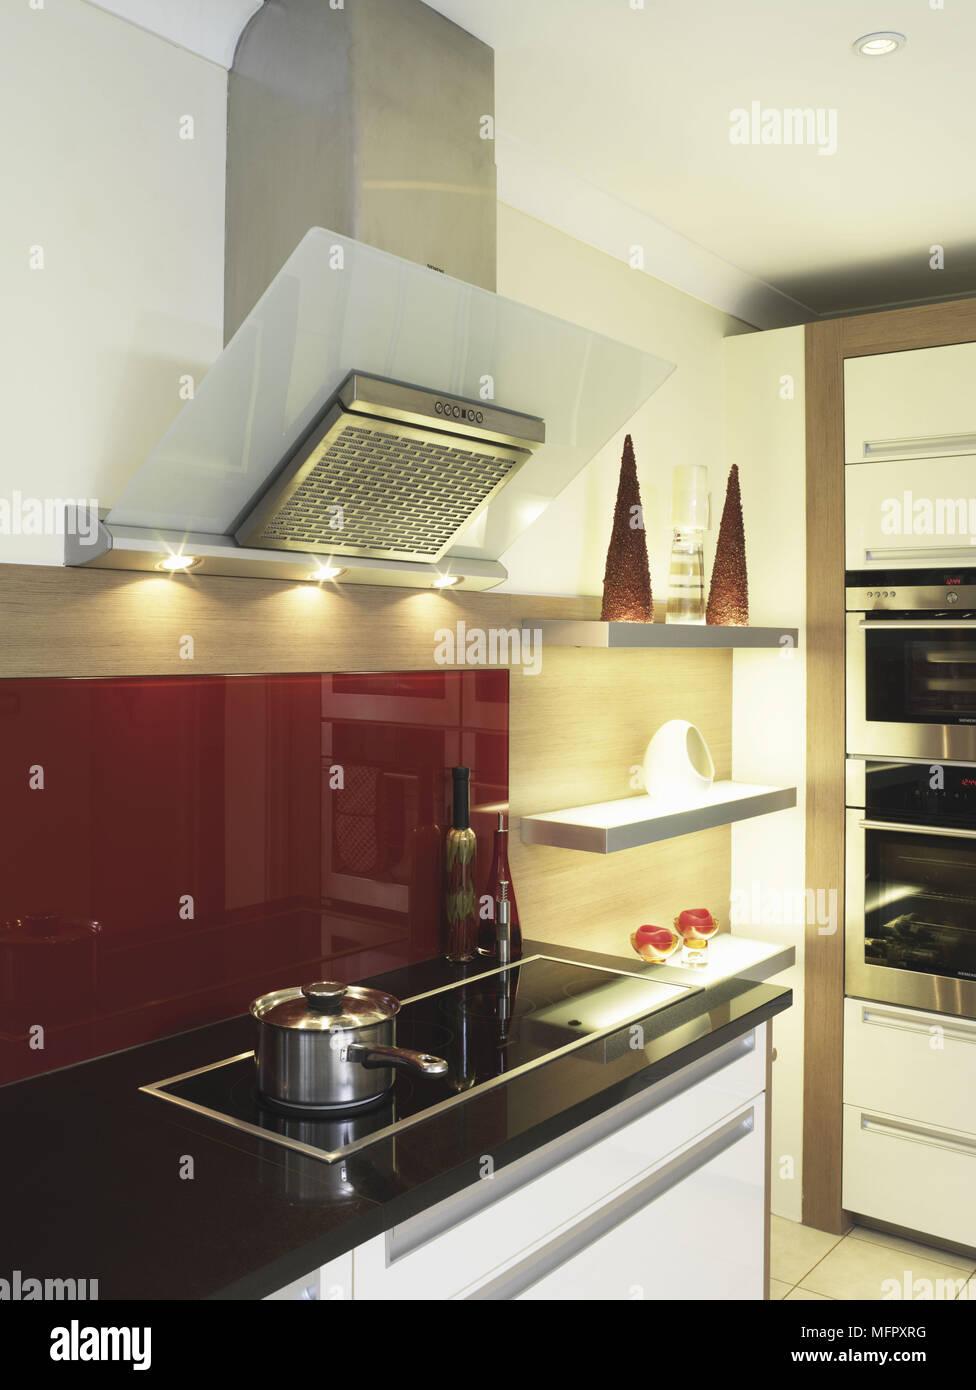 Charmant Küchen Designs Mit Doppelwand öfen Ideen - Küchenschrank ...